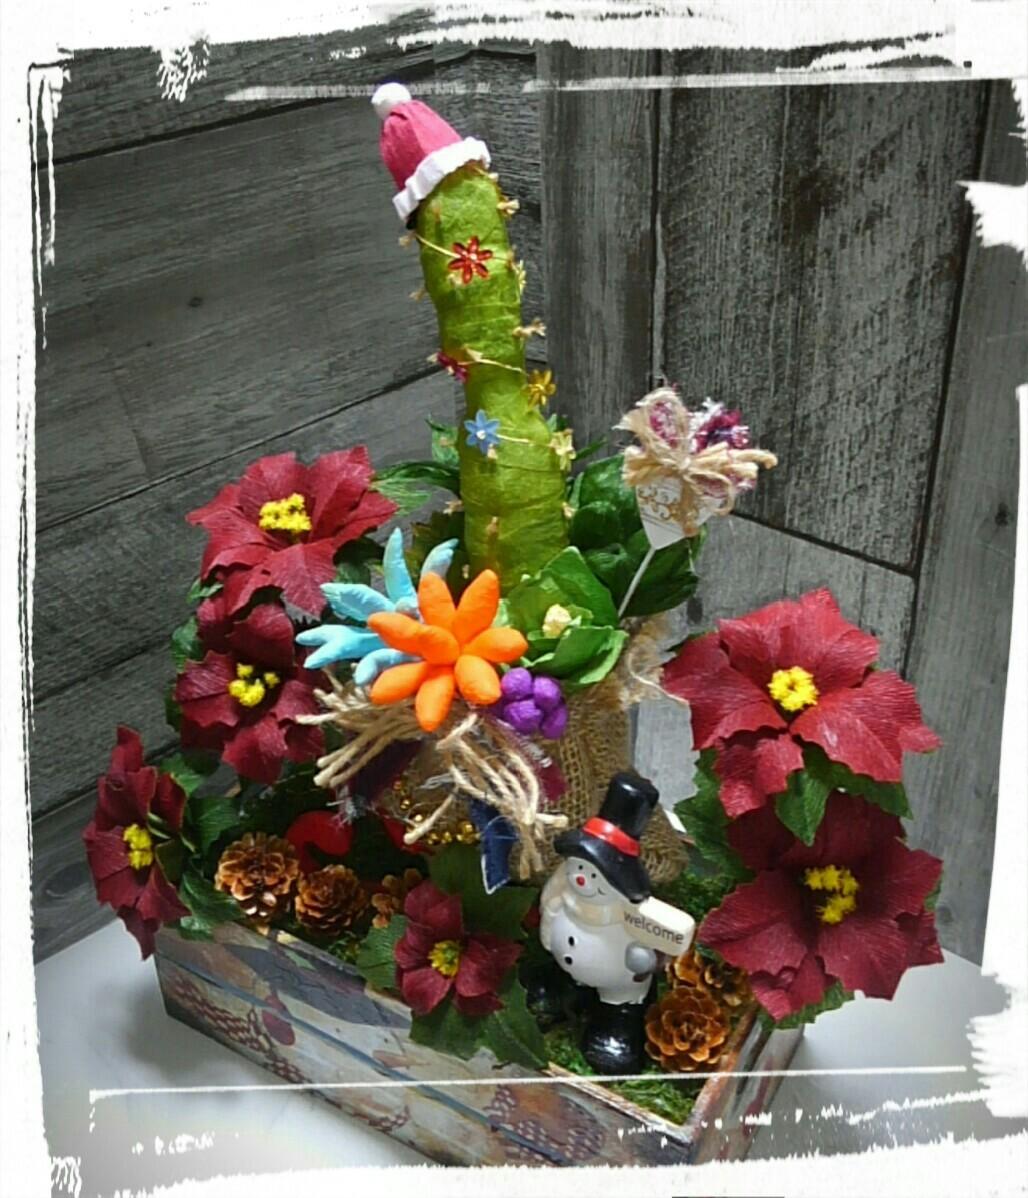 【クリスマス】さぼてんサンタ&多肉植物&ポインセチア 寄せ植え ペーパーフラワー